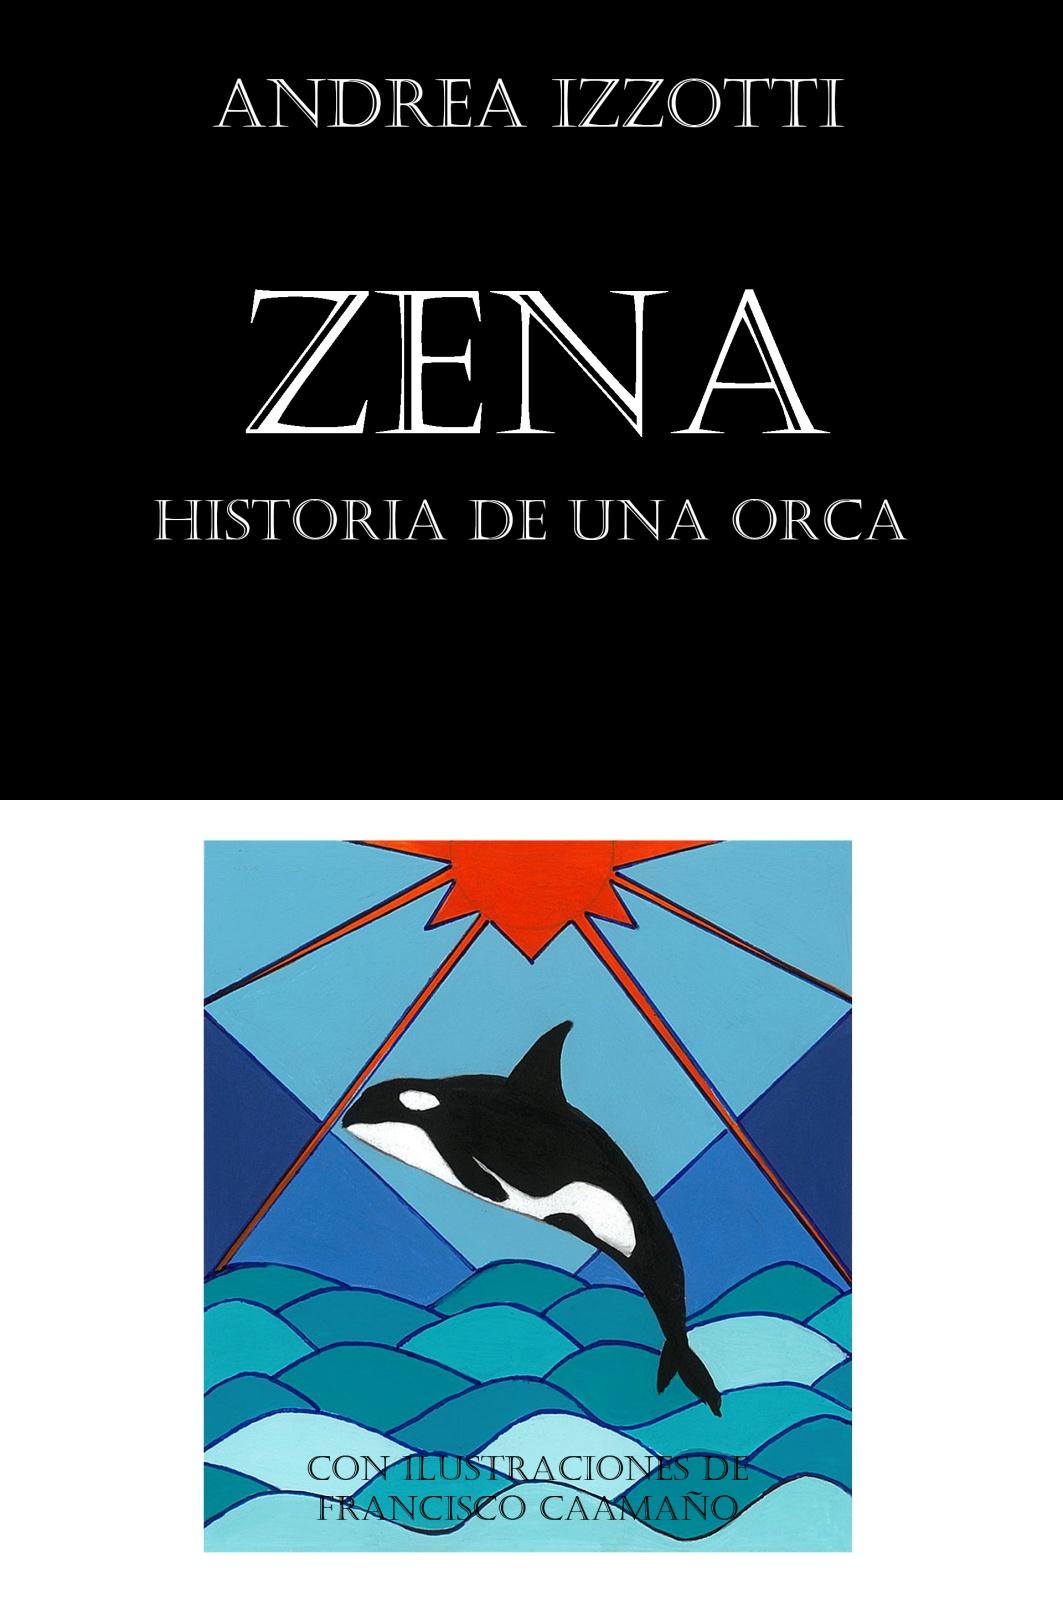 Zena, historia de una orca - Haga clic aquí para la edición en español